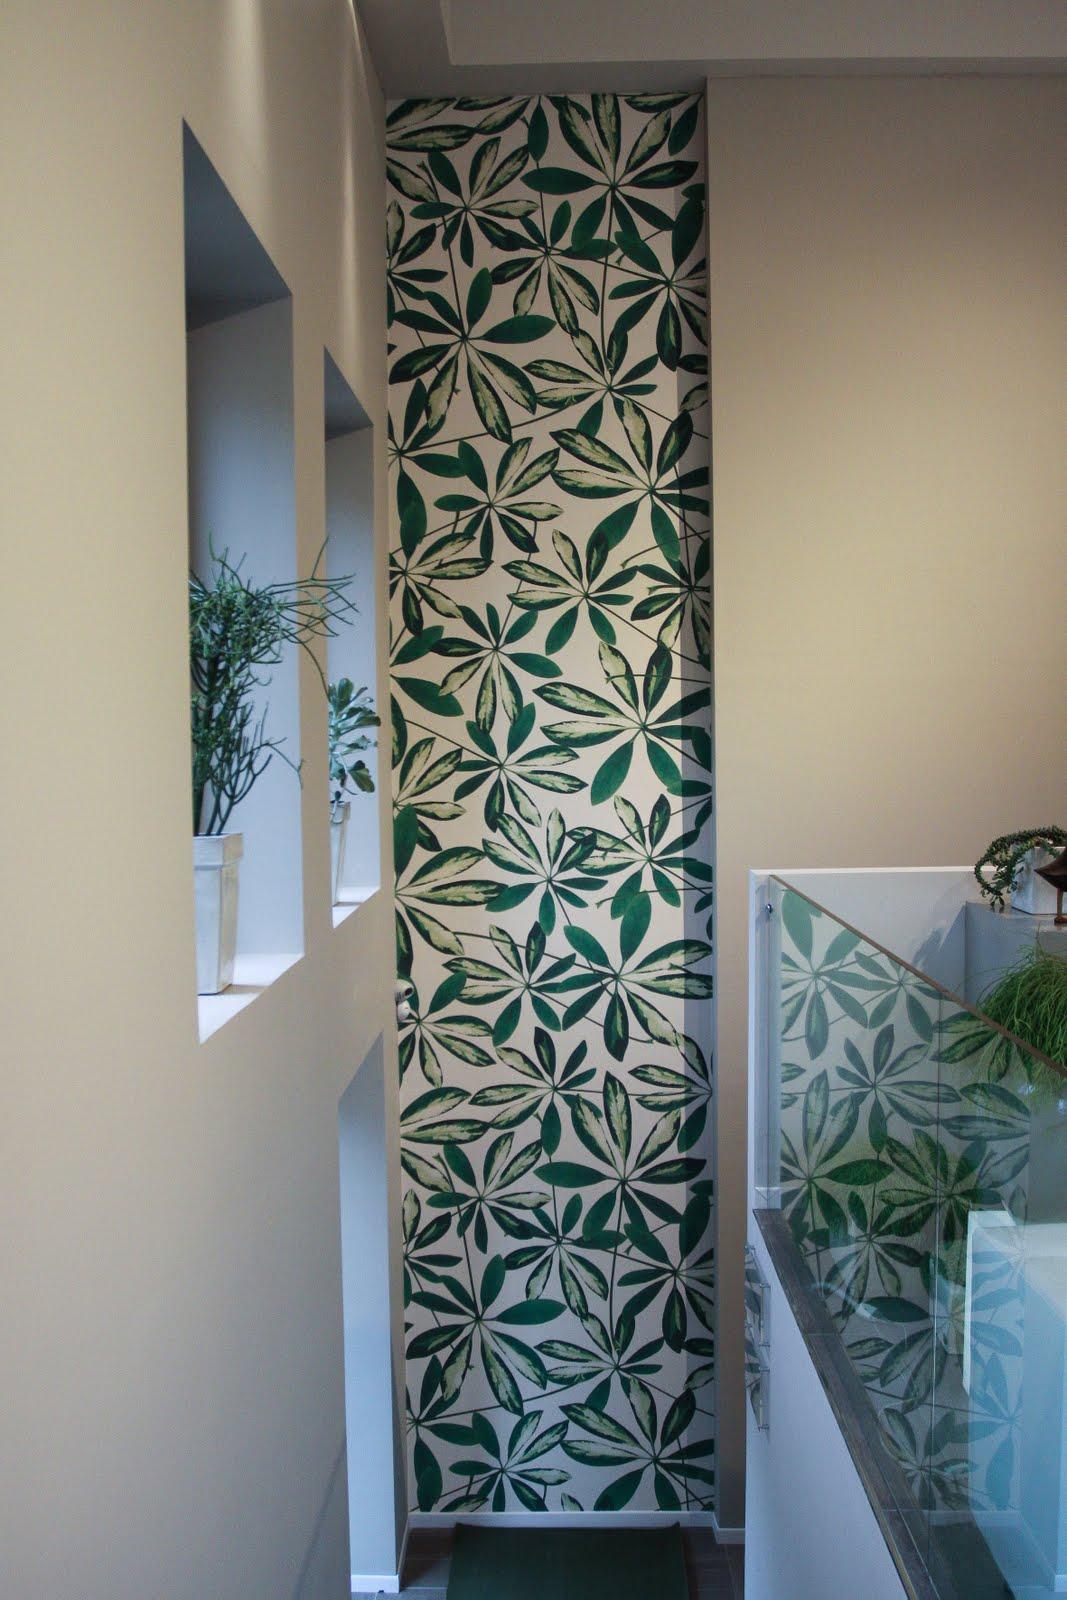 Ben noto Interior Design a Ravenna: WALL & DECO' la fotografia diventa  BE79